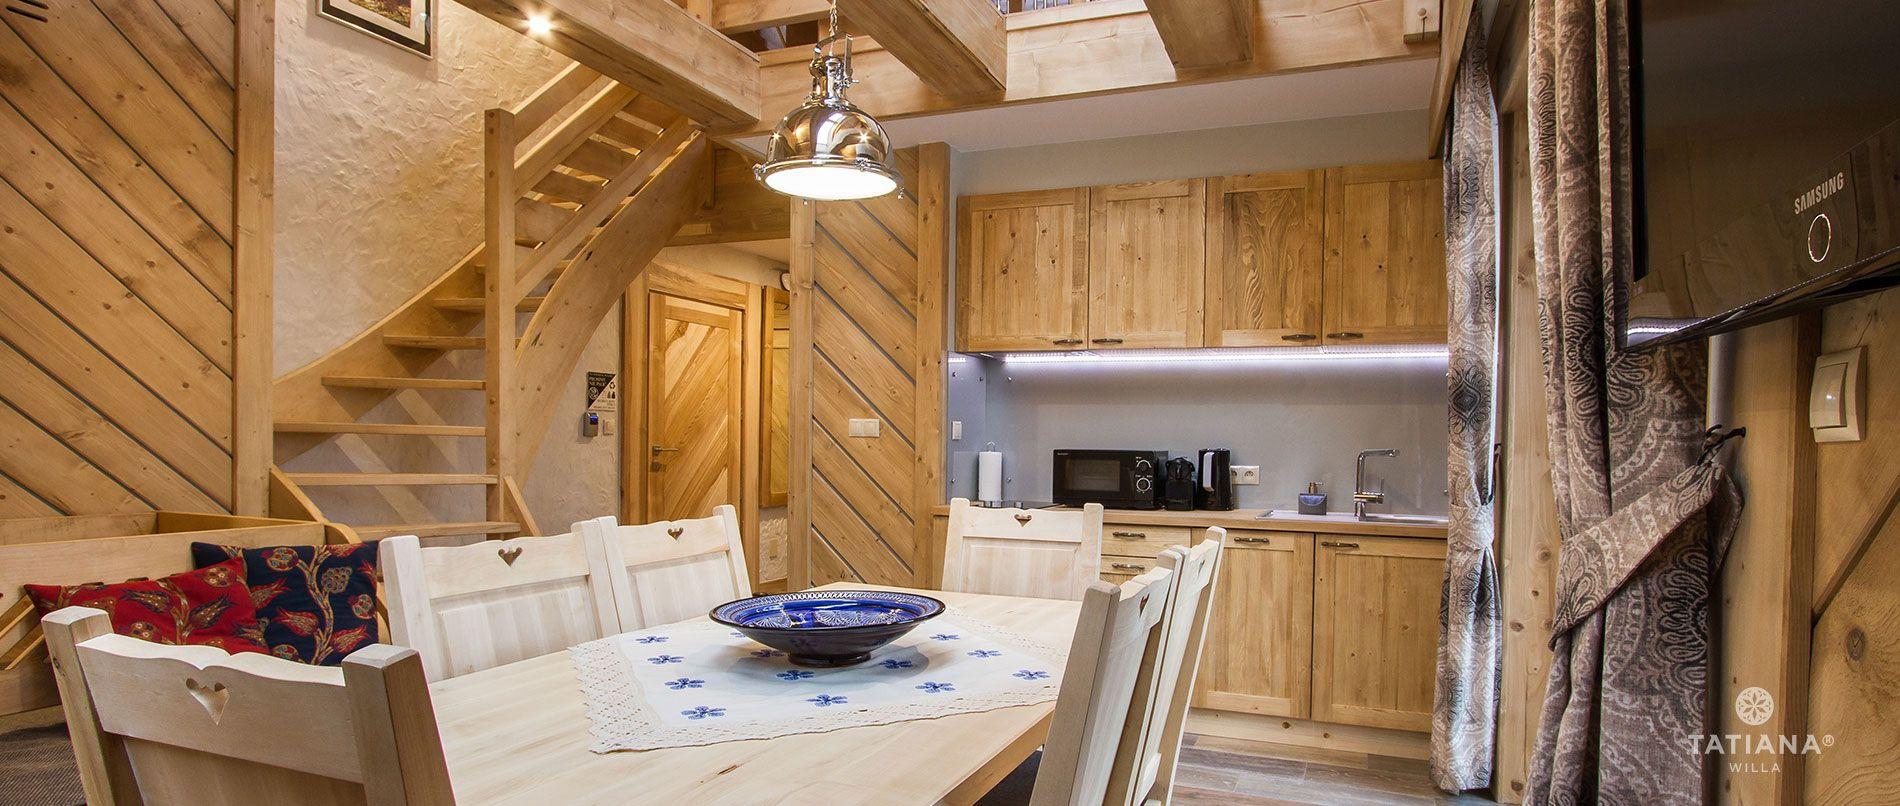 Apartament Stary Smrekowy - aneks kuchenny